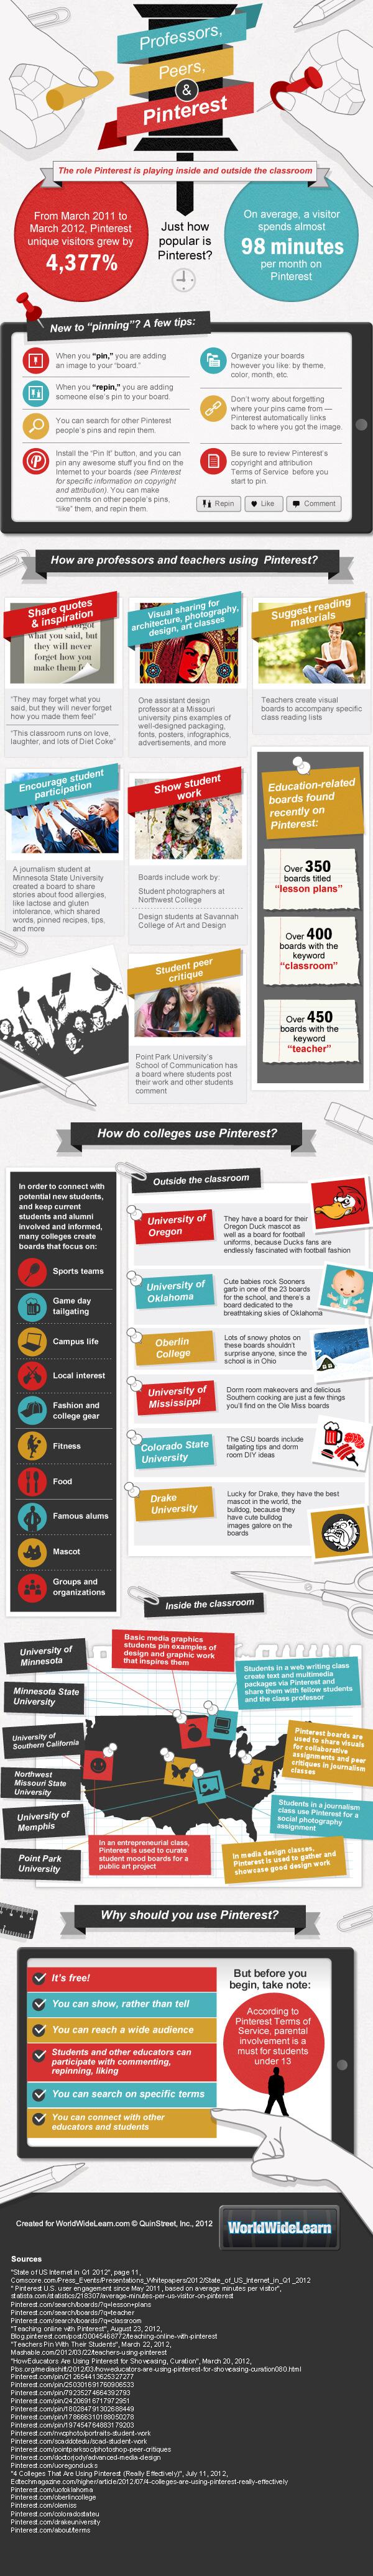 Pinterest learning